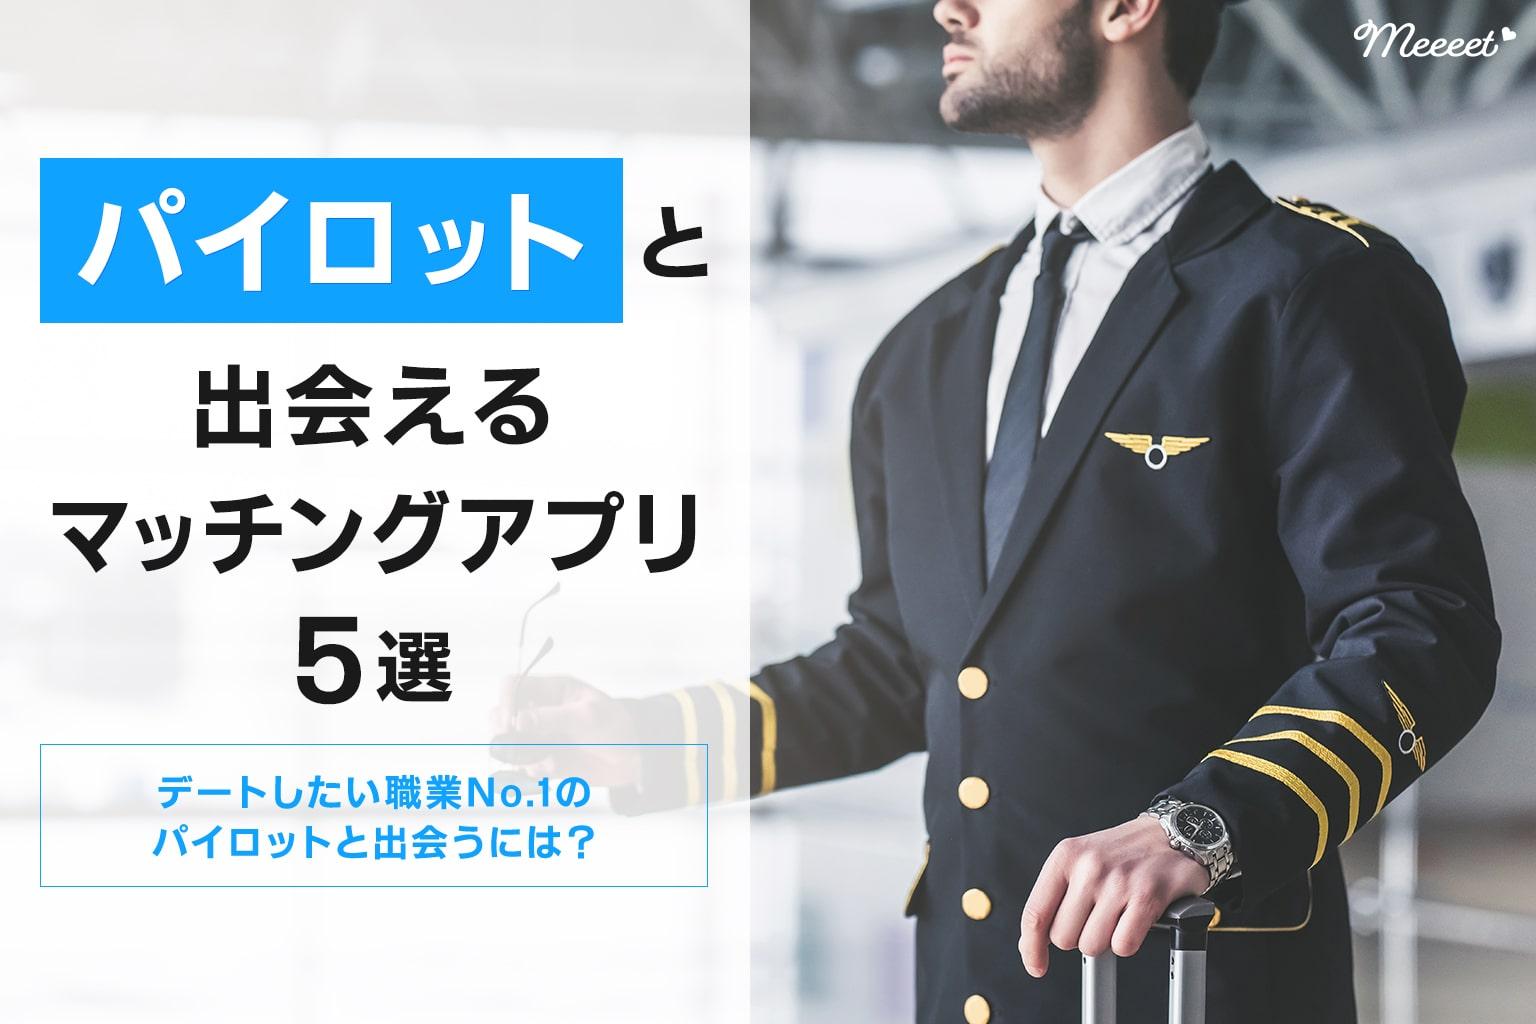 パイロットと出会えるマッチングアプリ5選 ホンモノとニセモノの見分け方も徹底解説